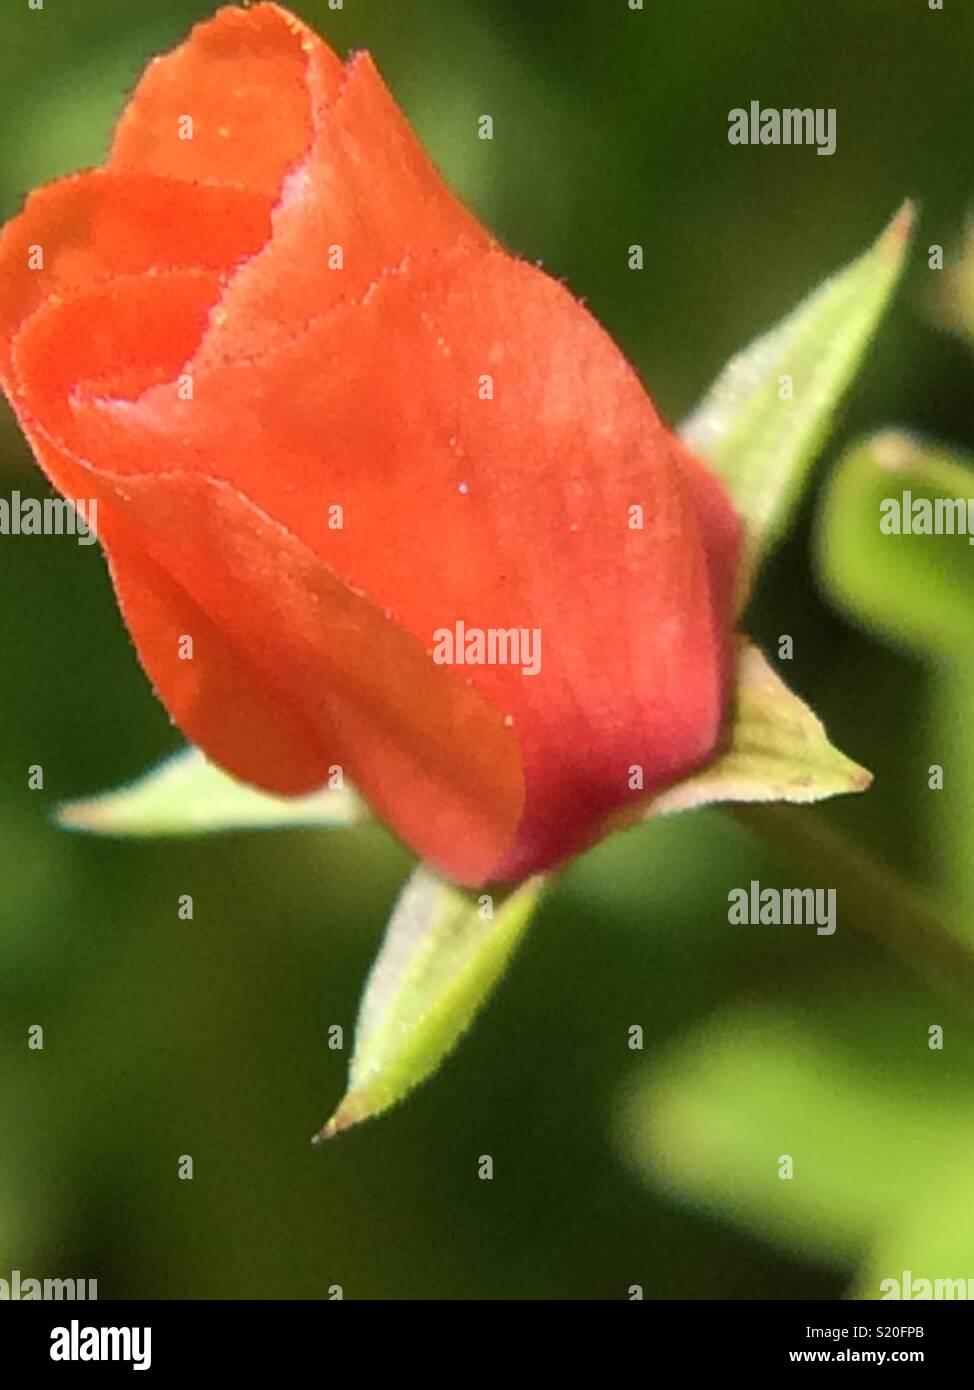 Foto tomada en la Montaña, es onu especie de flor muy pequeña que crece a la orilla del camino, la vereda. Nace después de las últimas lluvias, su colore anaranjado verdaderamente es muy encendido. Immagini Stock